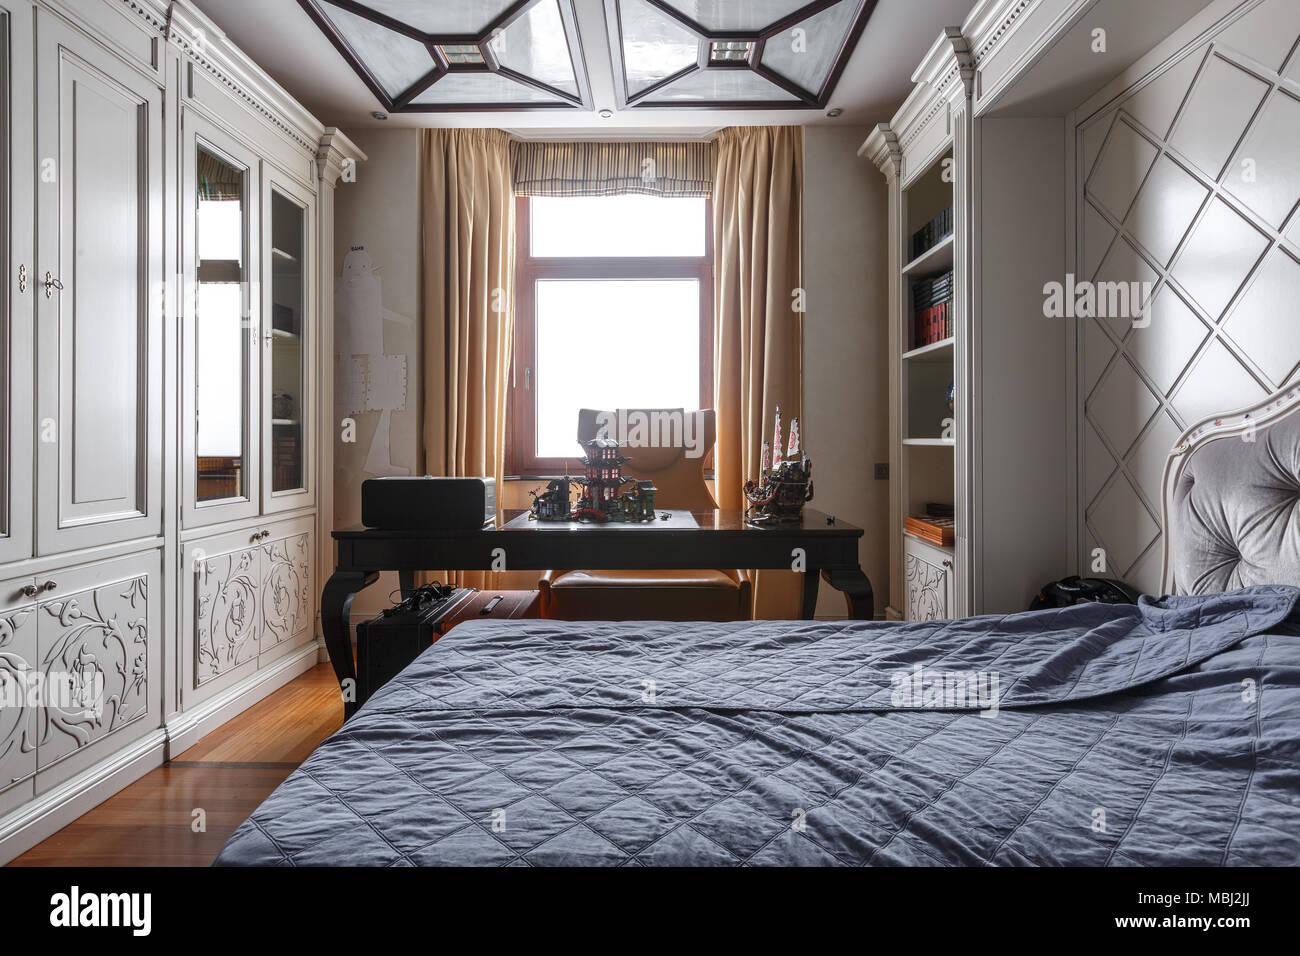 Luxuriöse Schlafzimmer Einrichtung in dunklen Farben Stockfoto, Bild ...